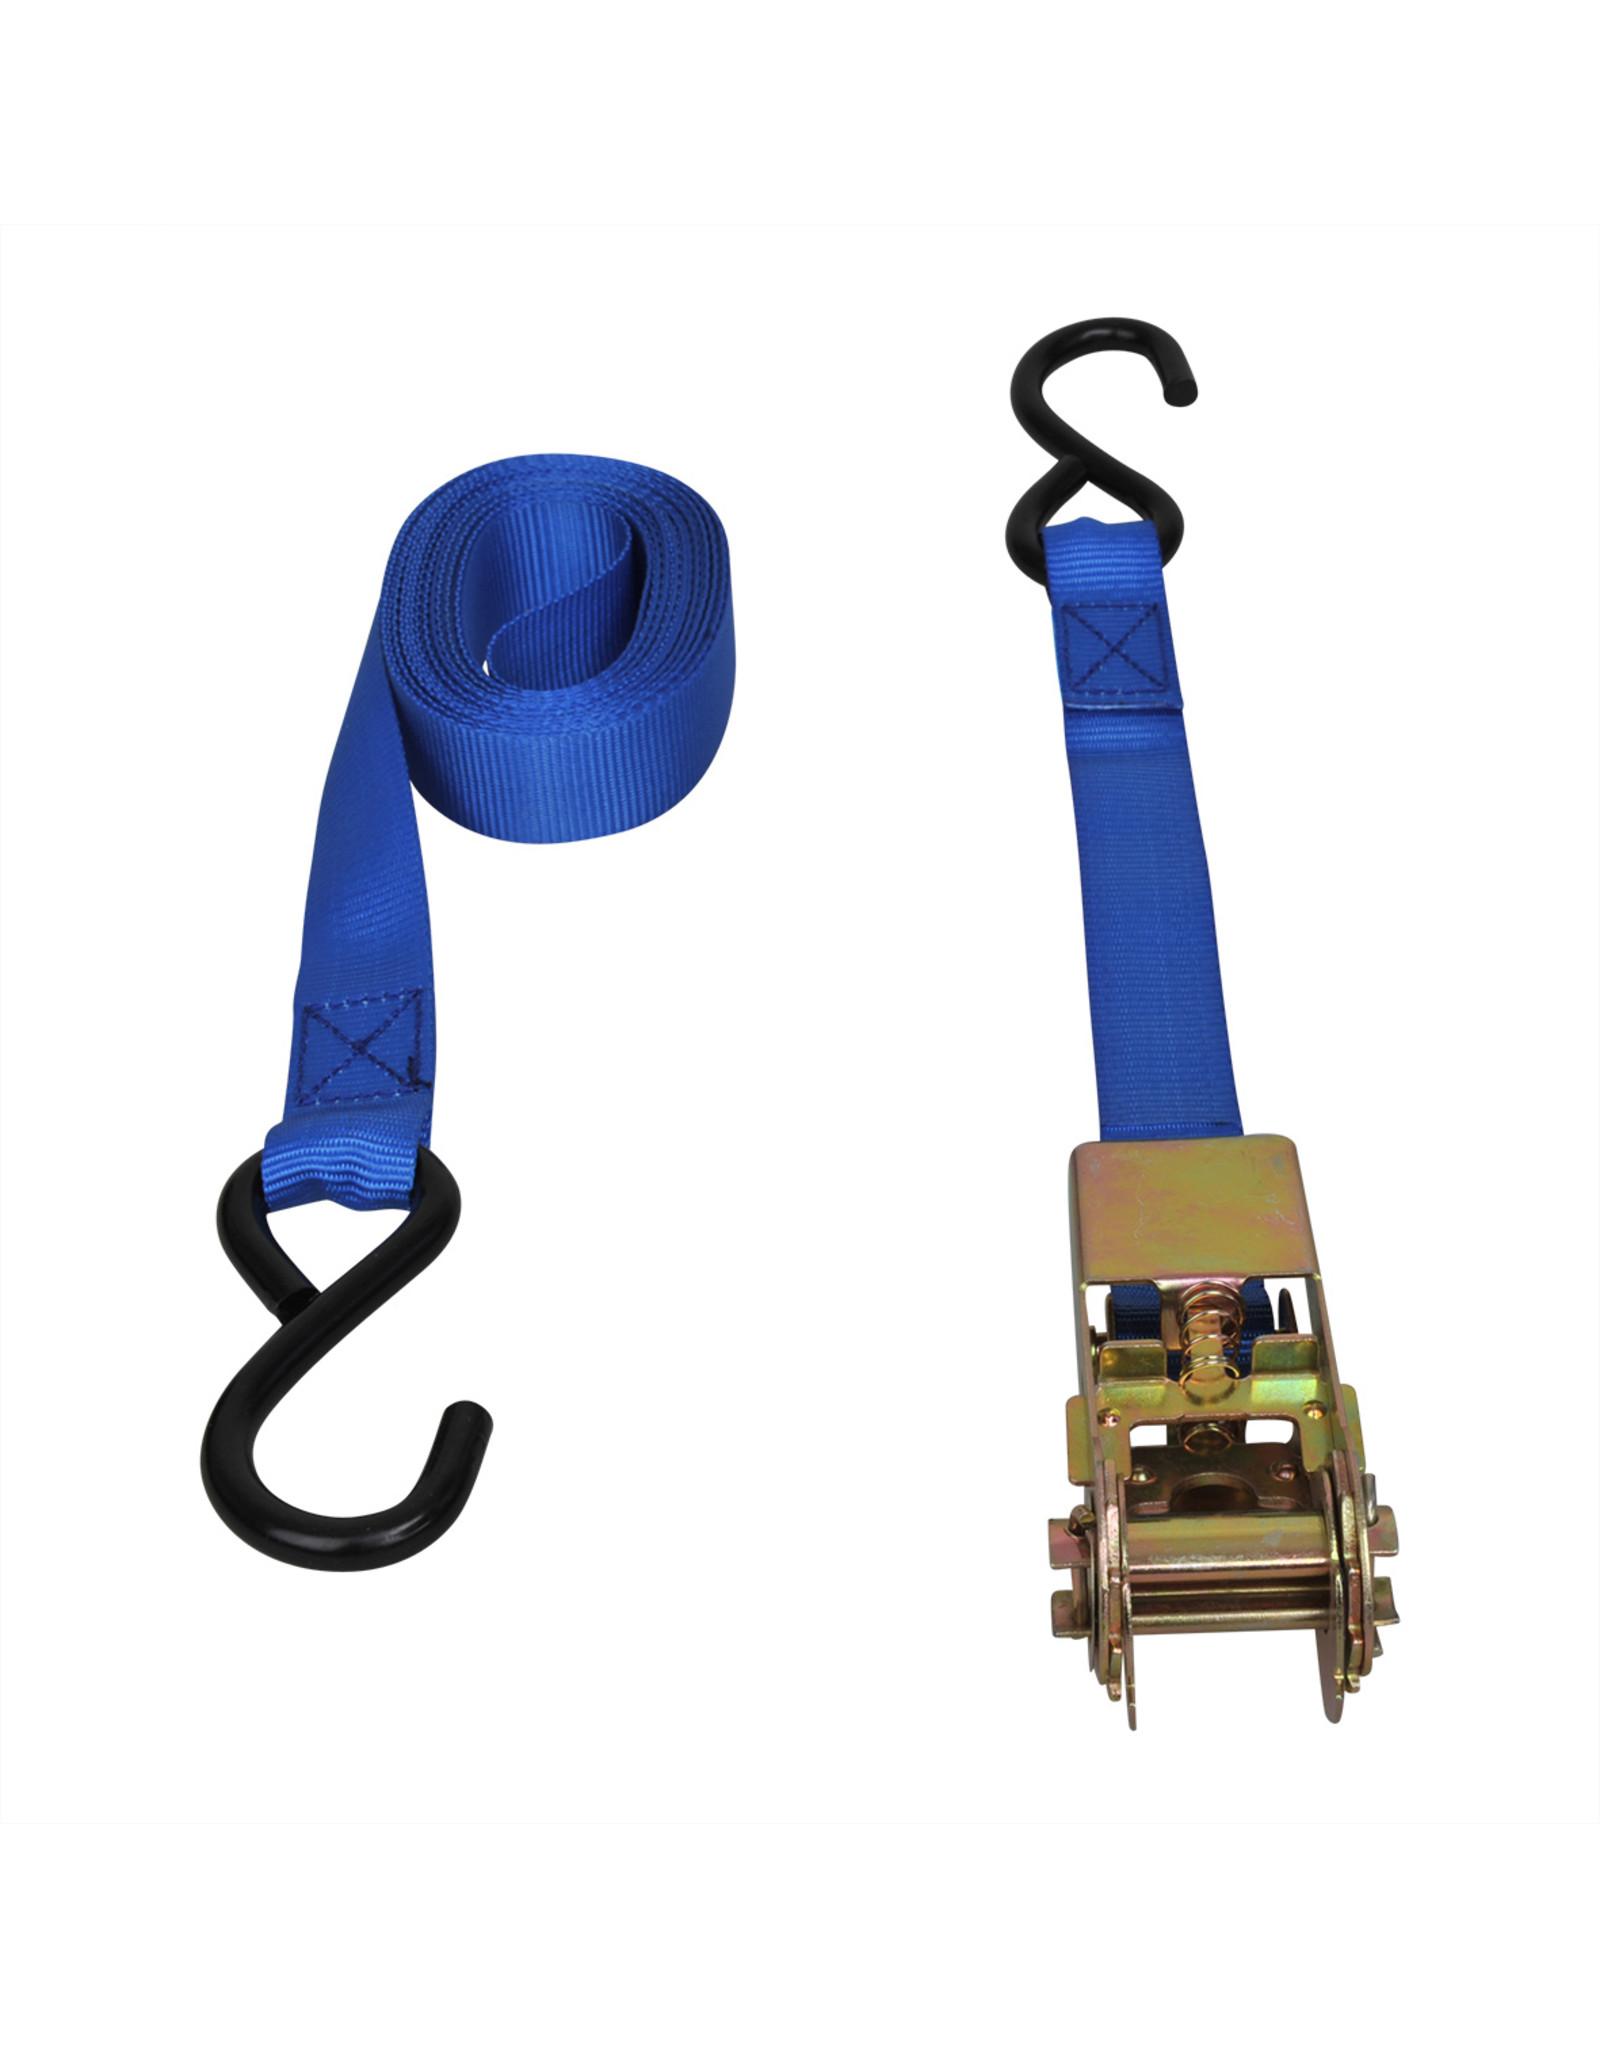 Spanband blauw met ratel + 2 haken 3,5 meter